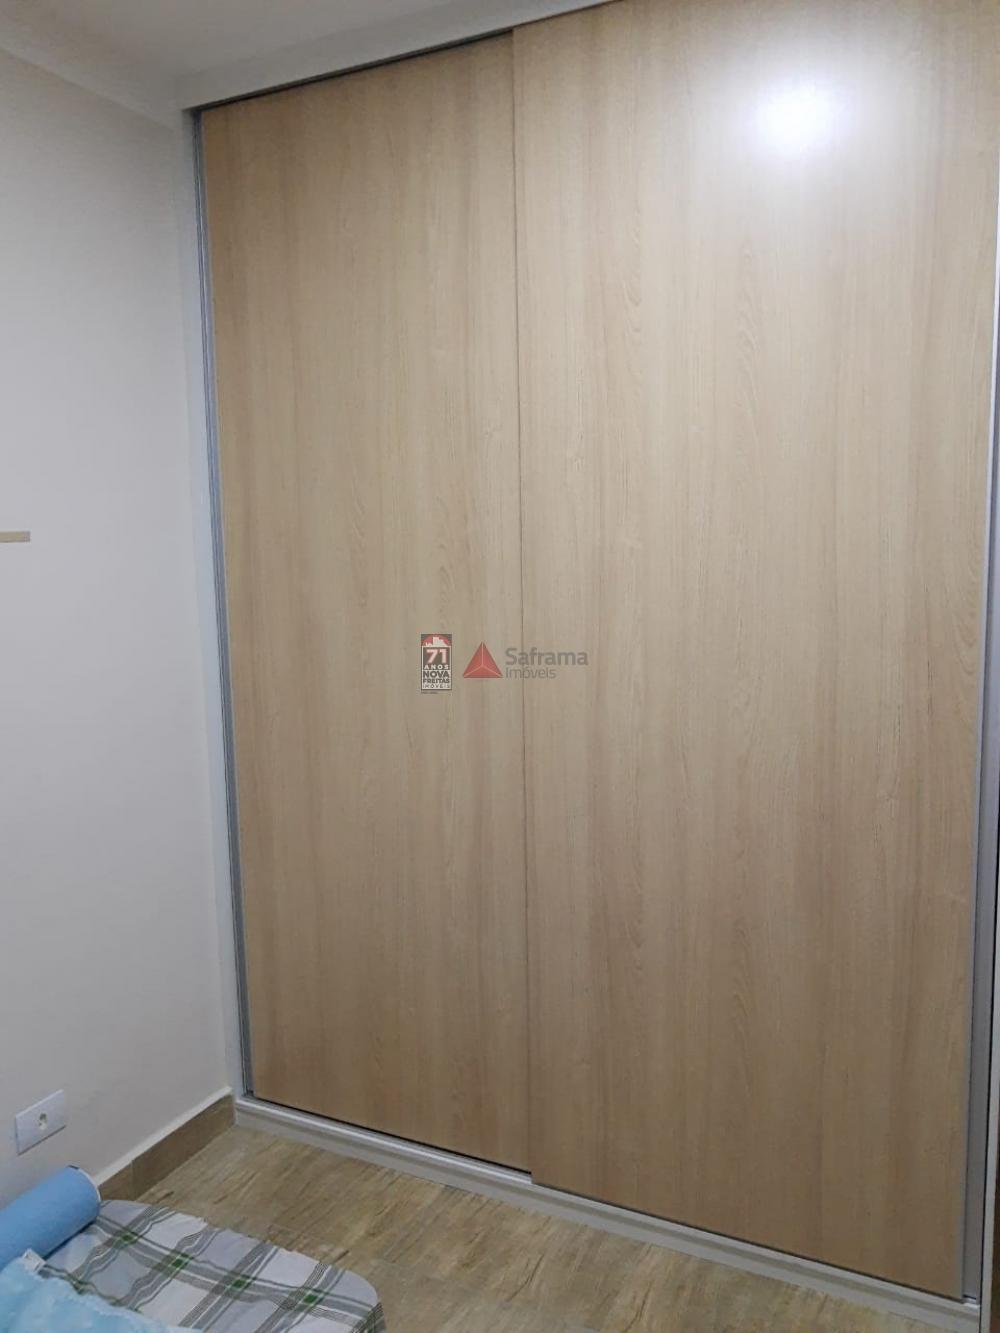 Comprar Apartamento / Padrão em São José dos Campos apenas R$ 470.000,00 - Foto 21